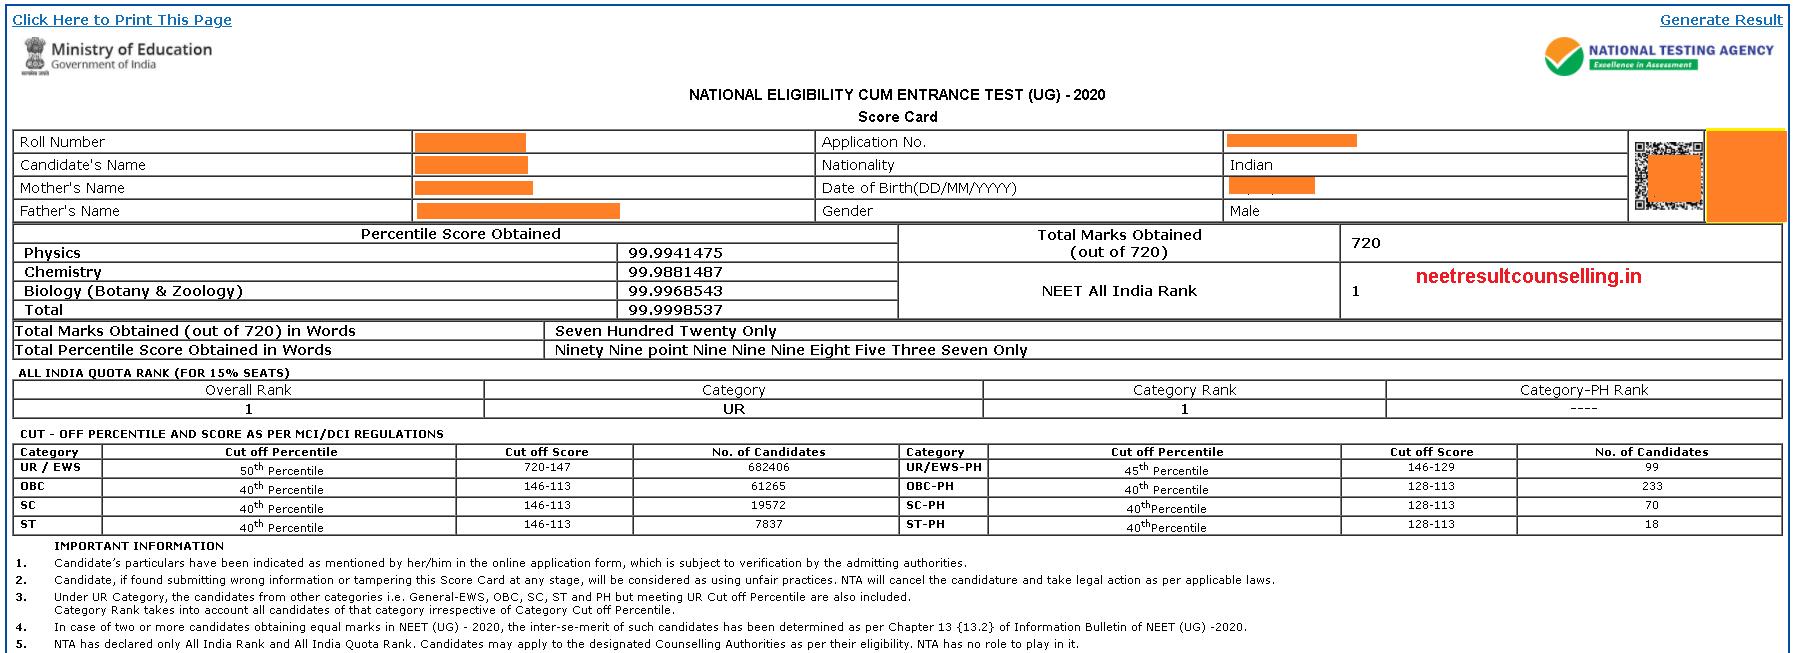 NEET-2020-Scorecard-image